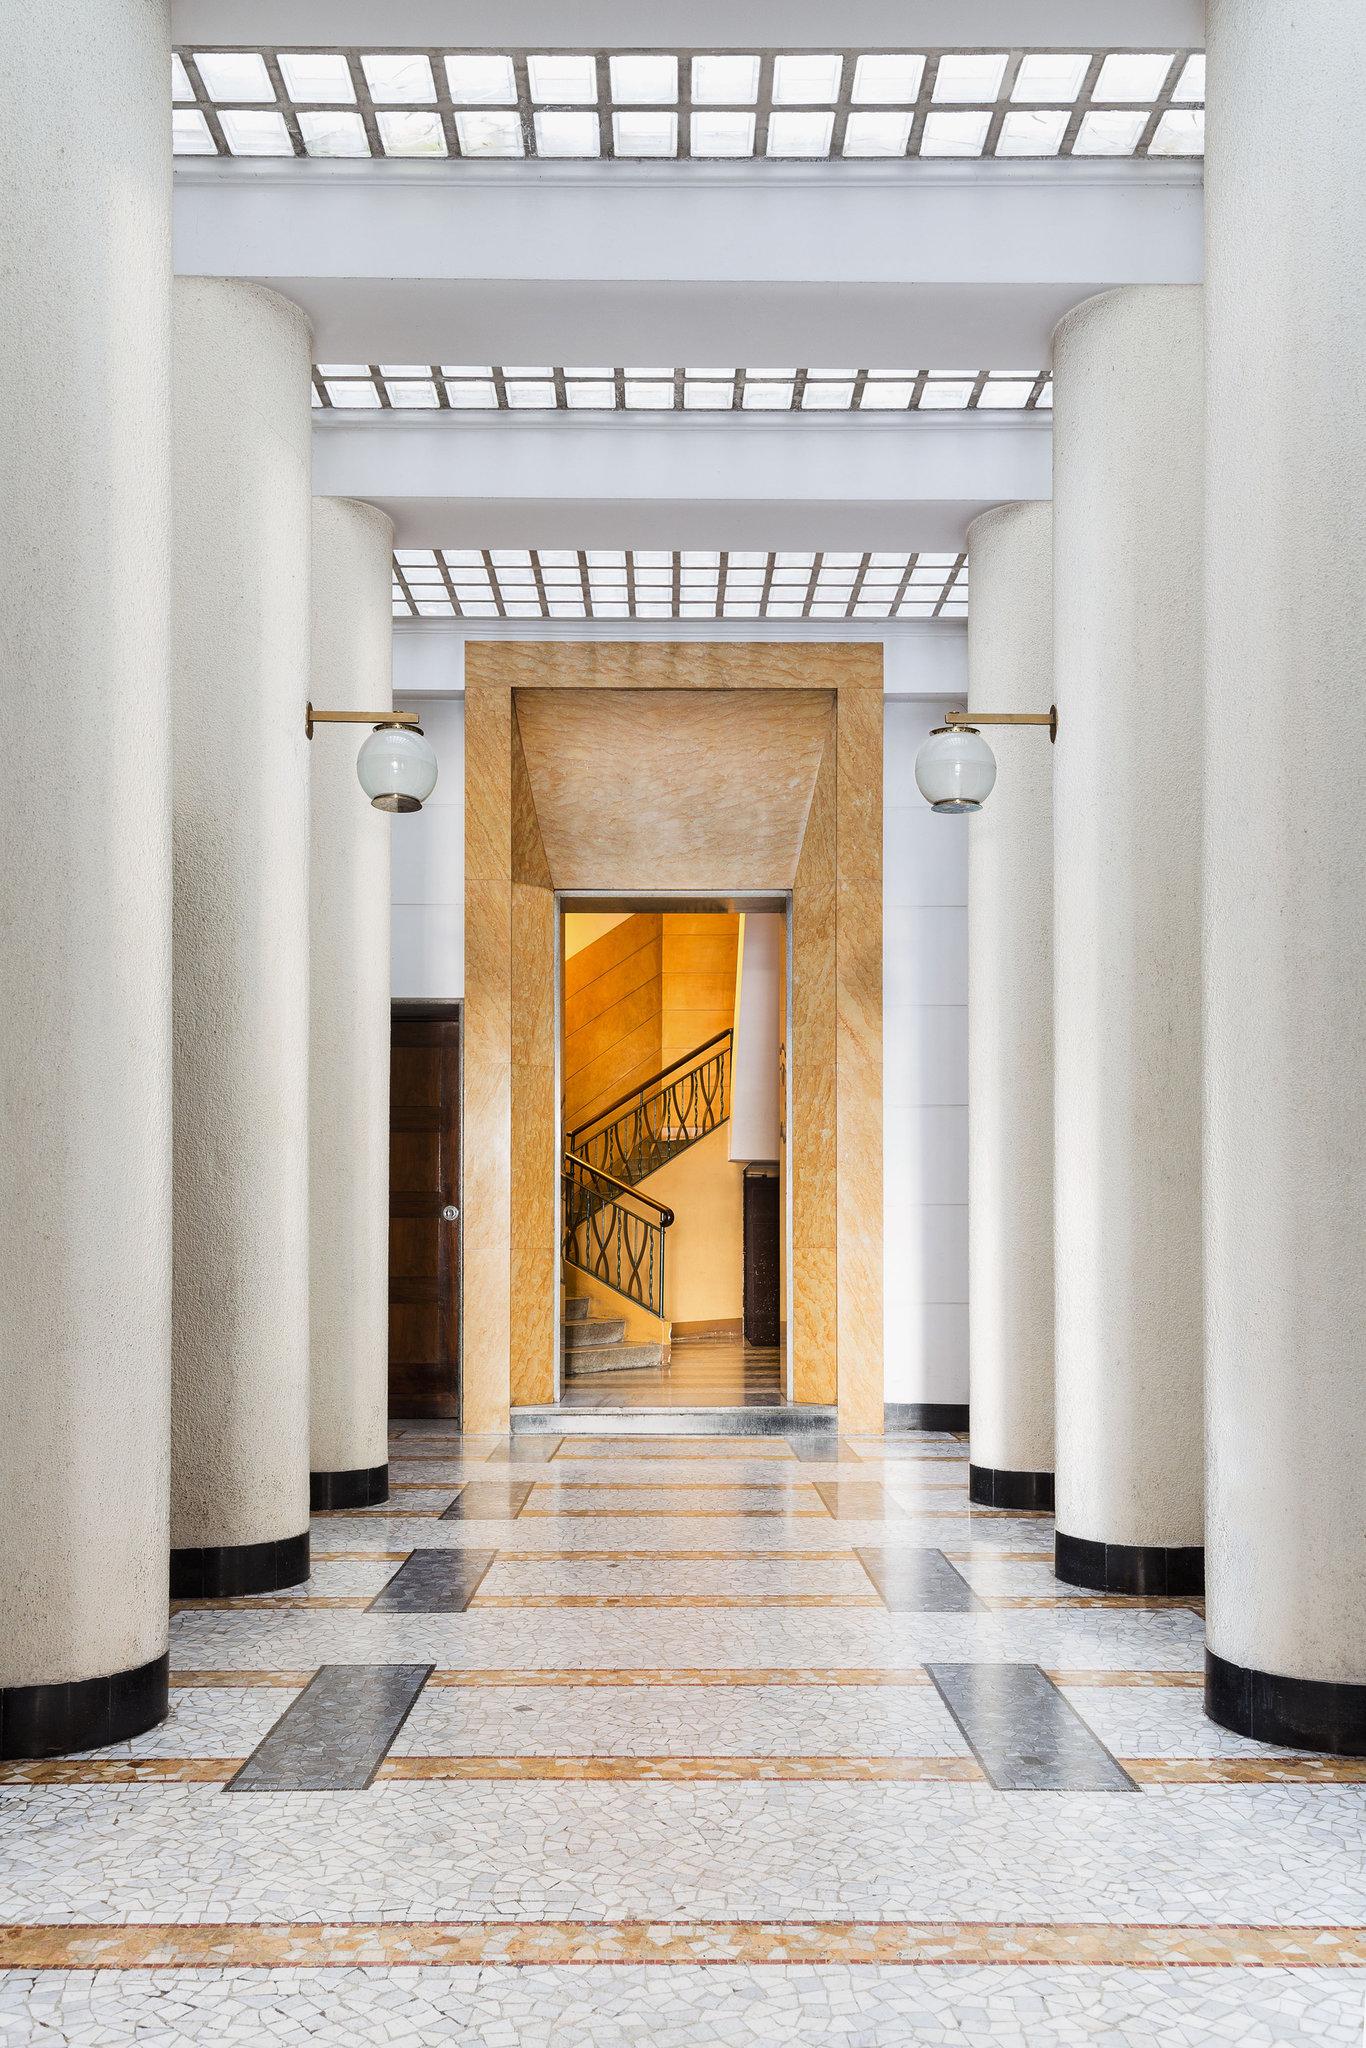 Via Mario Giuriati, 5. Architect: Giovanni Muzio, 1930-31. Floor: Palladiana of Giallo Siena marble and mosaics; Nero di Anzola diorite.// Via  The New York Times .